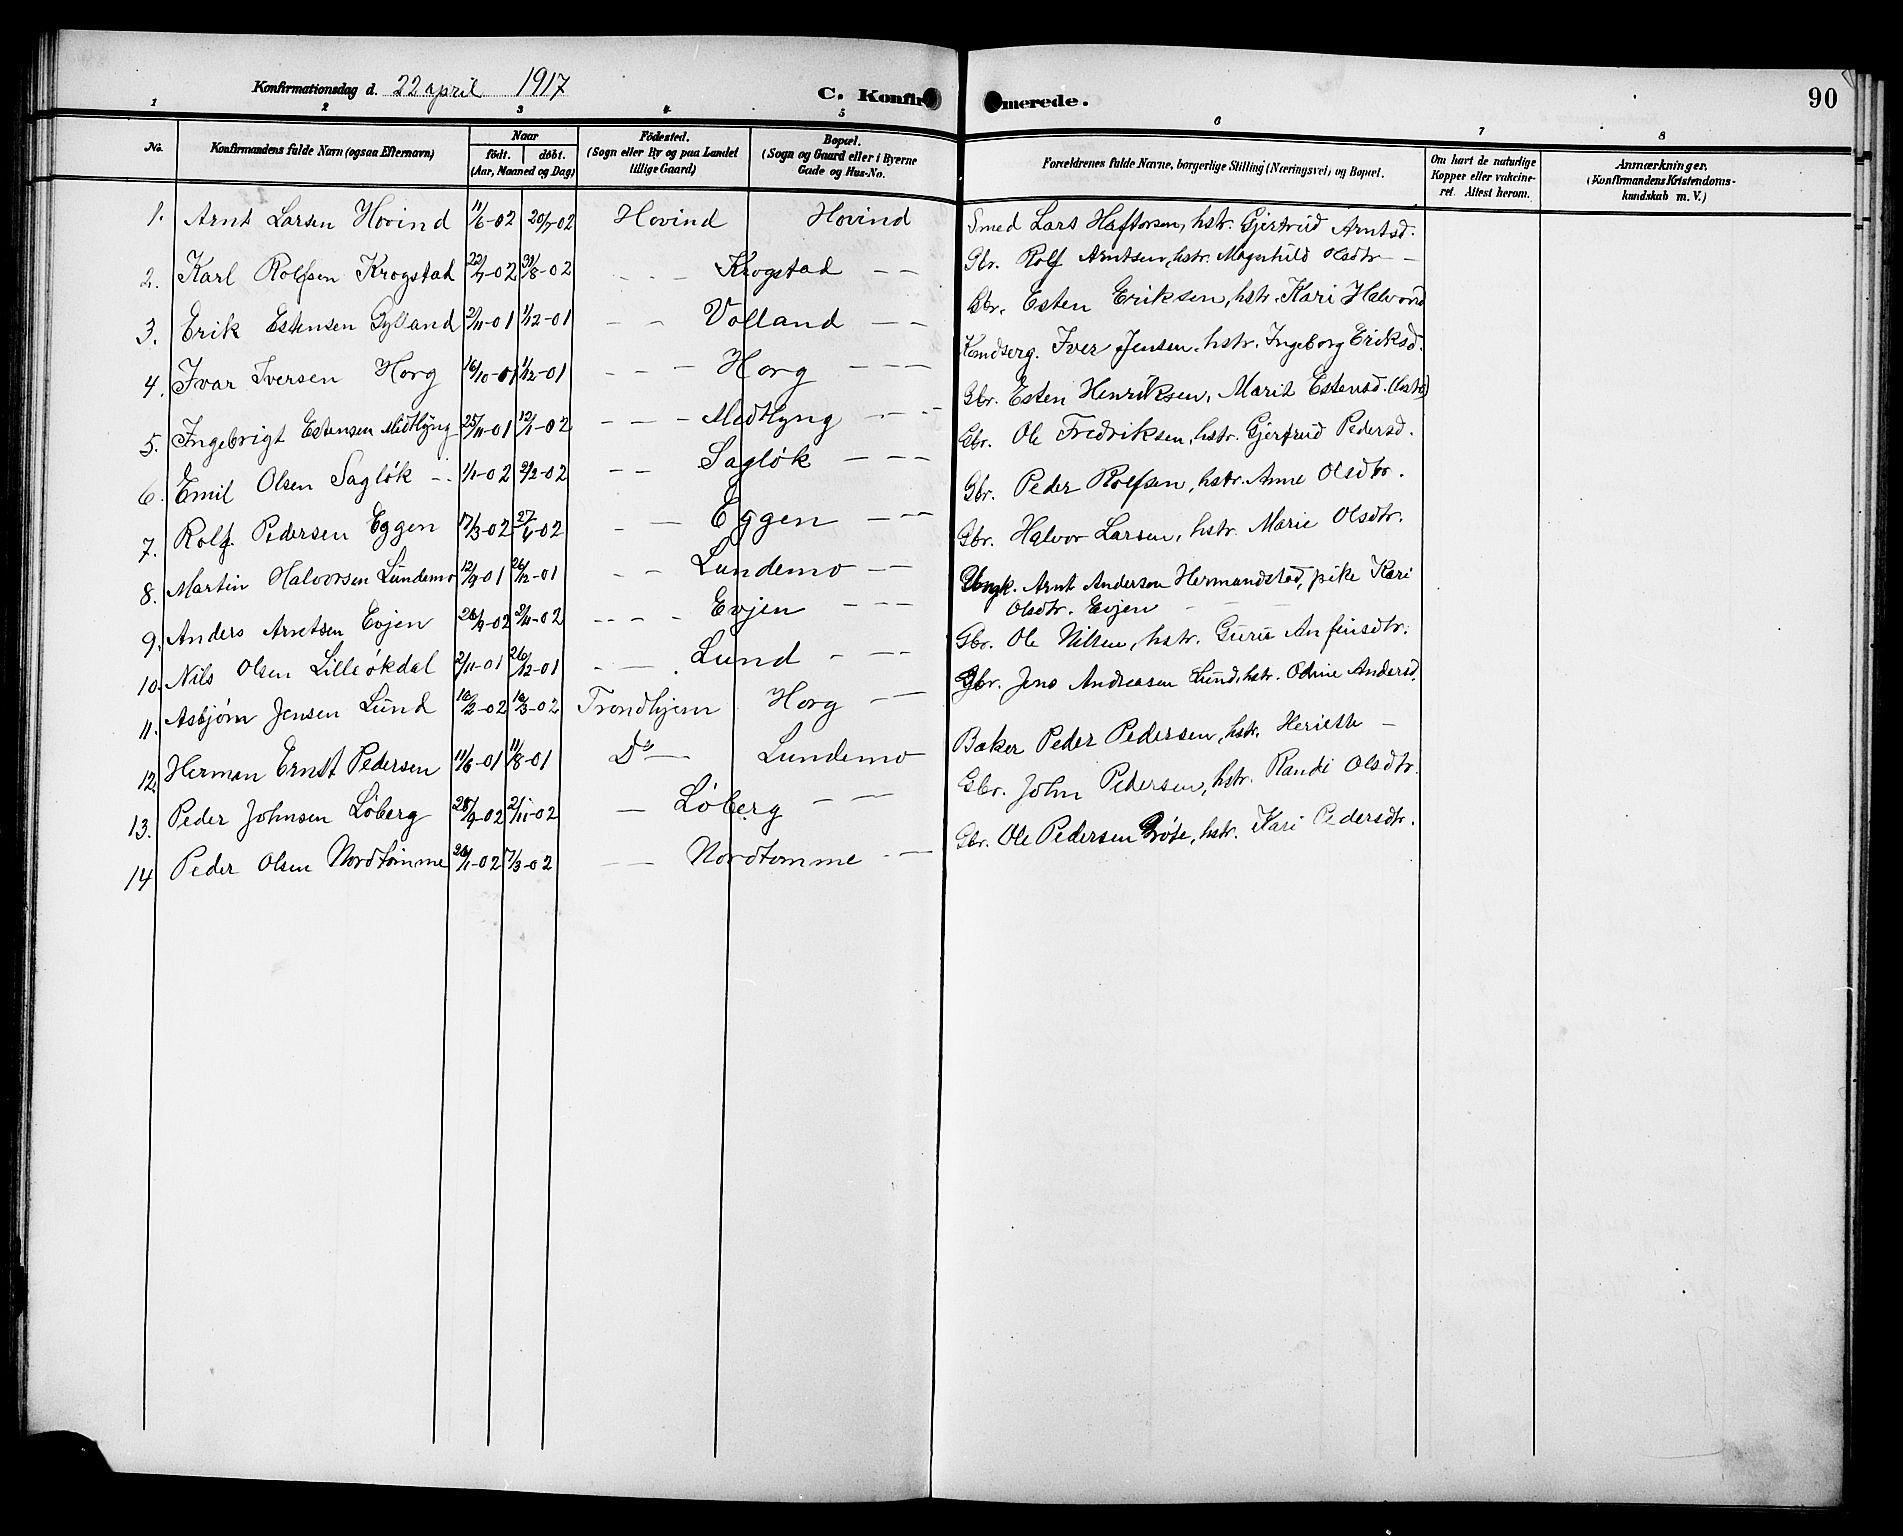 SAT, Ministerialprotokoller, klokkerbøker og fødselsregistre - Sør-Trøndelag, 692/L1112: Klokkerbok nr. 692C07, 1904-1918, s. 90